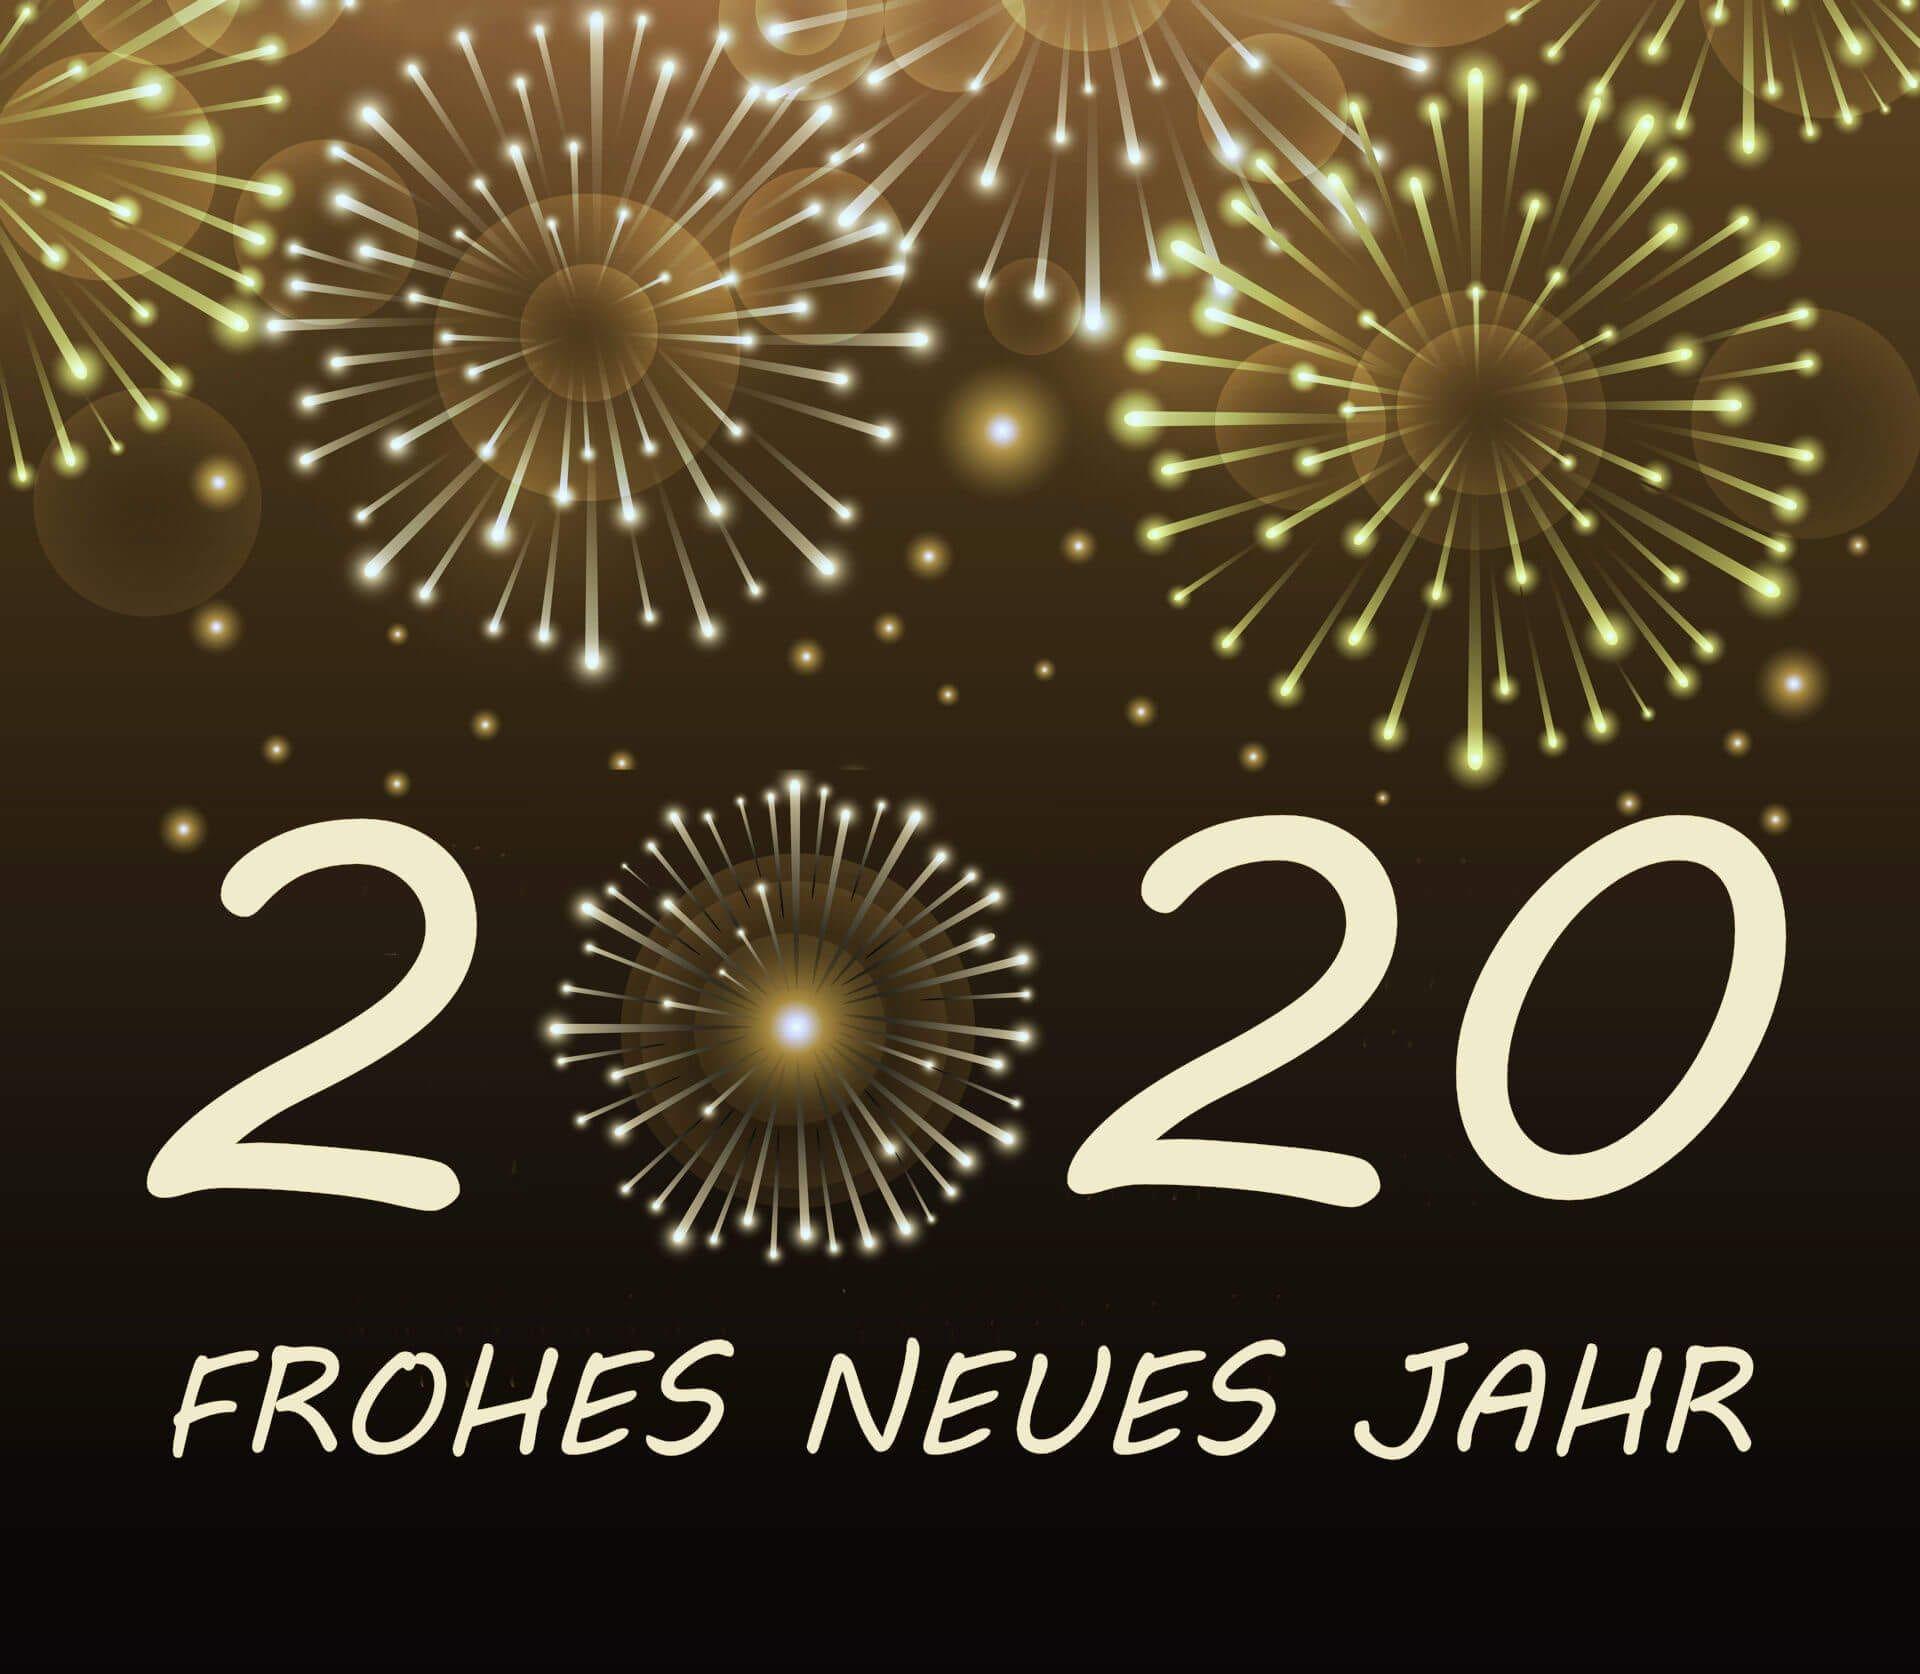 Neujahrswunsche 2020 In Englischer Sprache Neujahrswunsche 2020 In Englischer Sprache Neujahrswun New Year Wishes Happy New Year Text Happy New Year Quotes